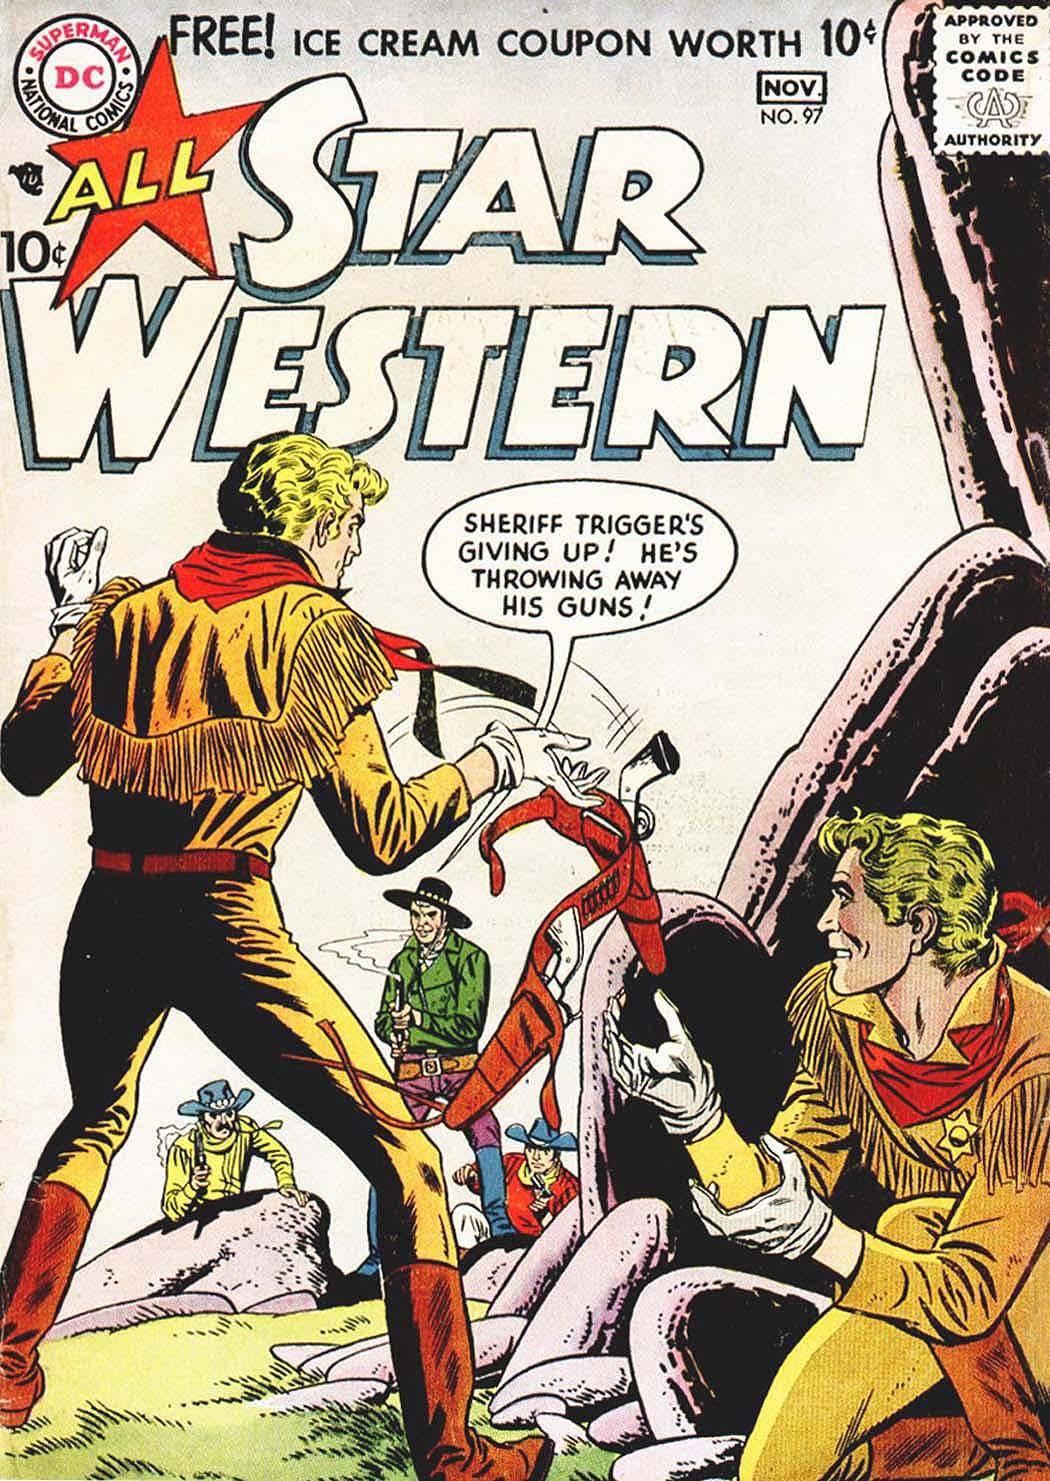 Star Western v1 097 1957